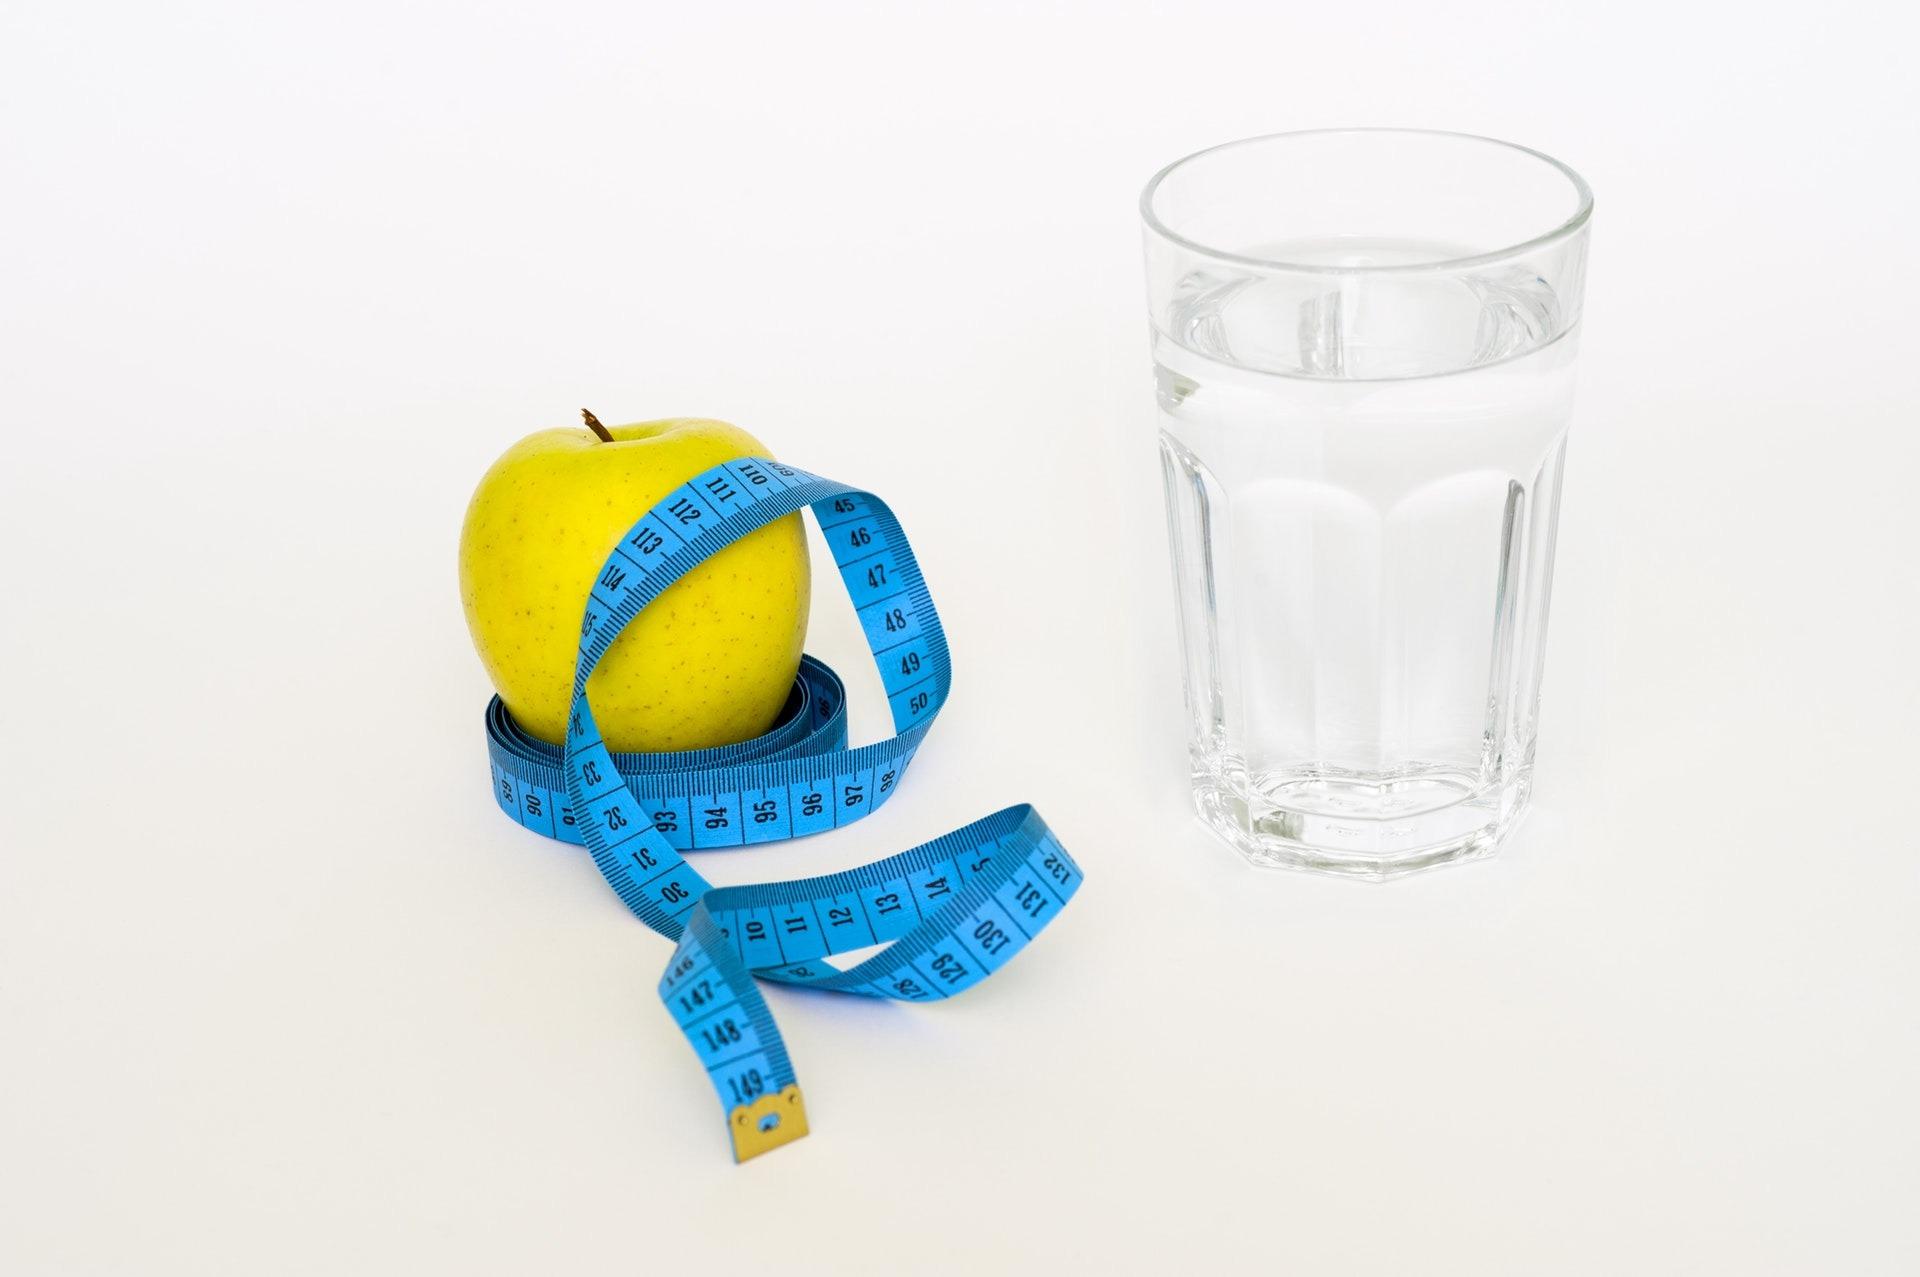 Pierderea în greutate Planul dieta Almased - Almased® - 2020